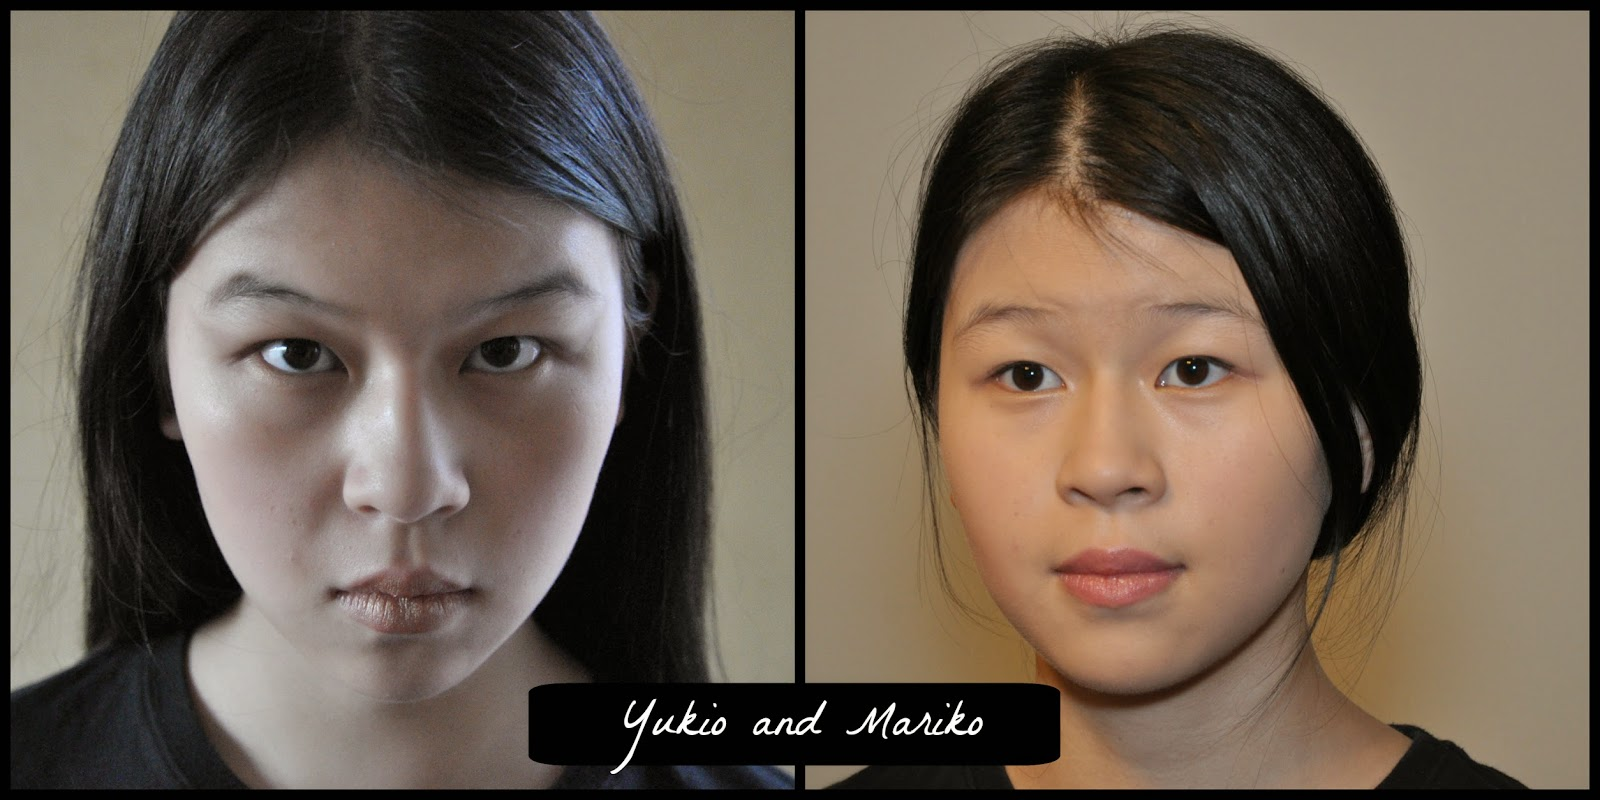 Nerd makeup